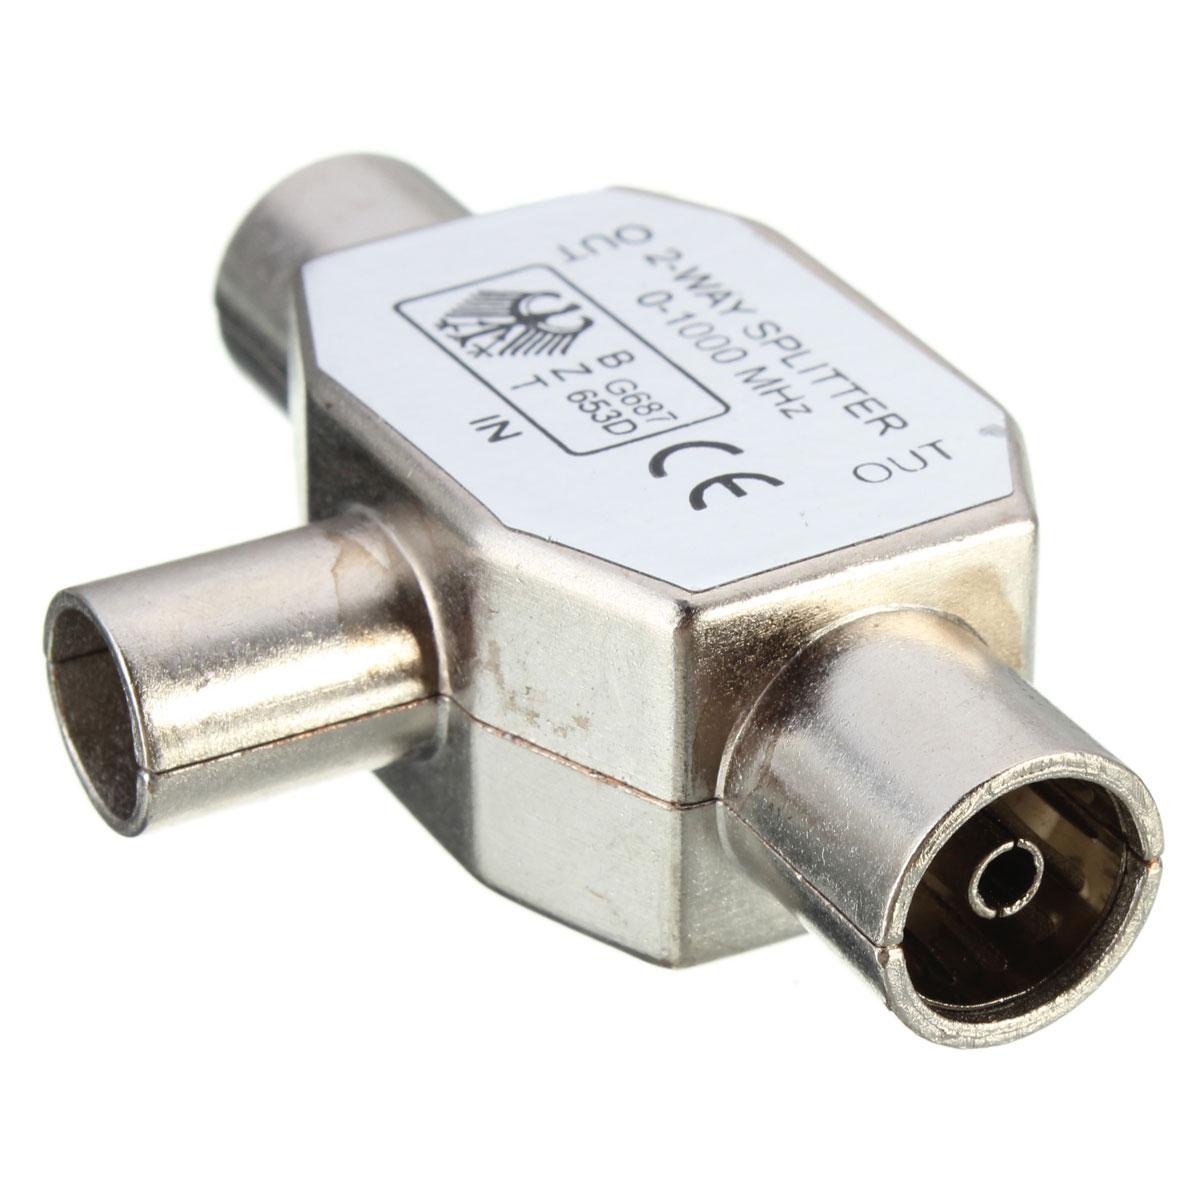 2 way metal splitter 1 male plug to 2 female socket for tv. Black Bedroom Furniture Sets. Home Design Ideas